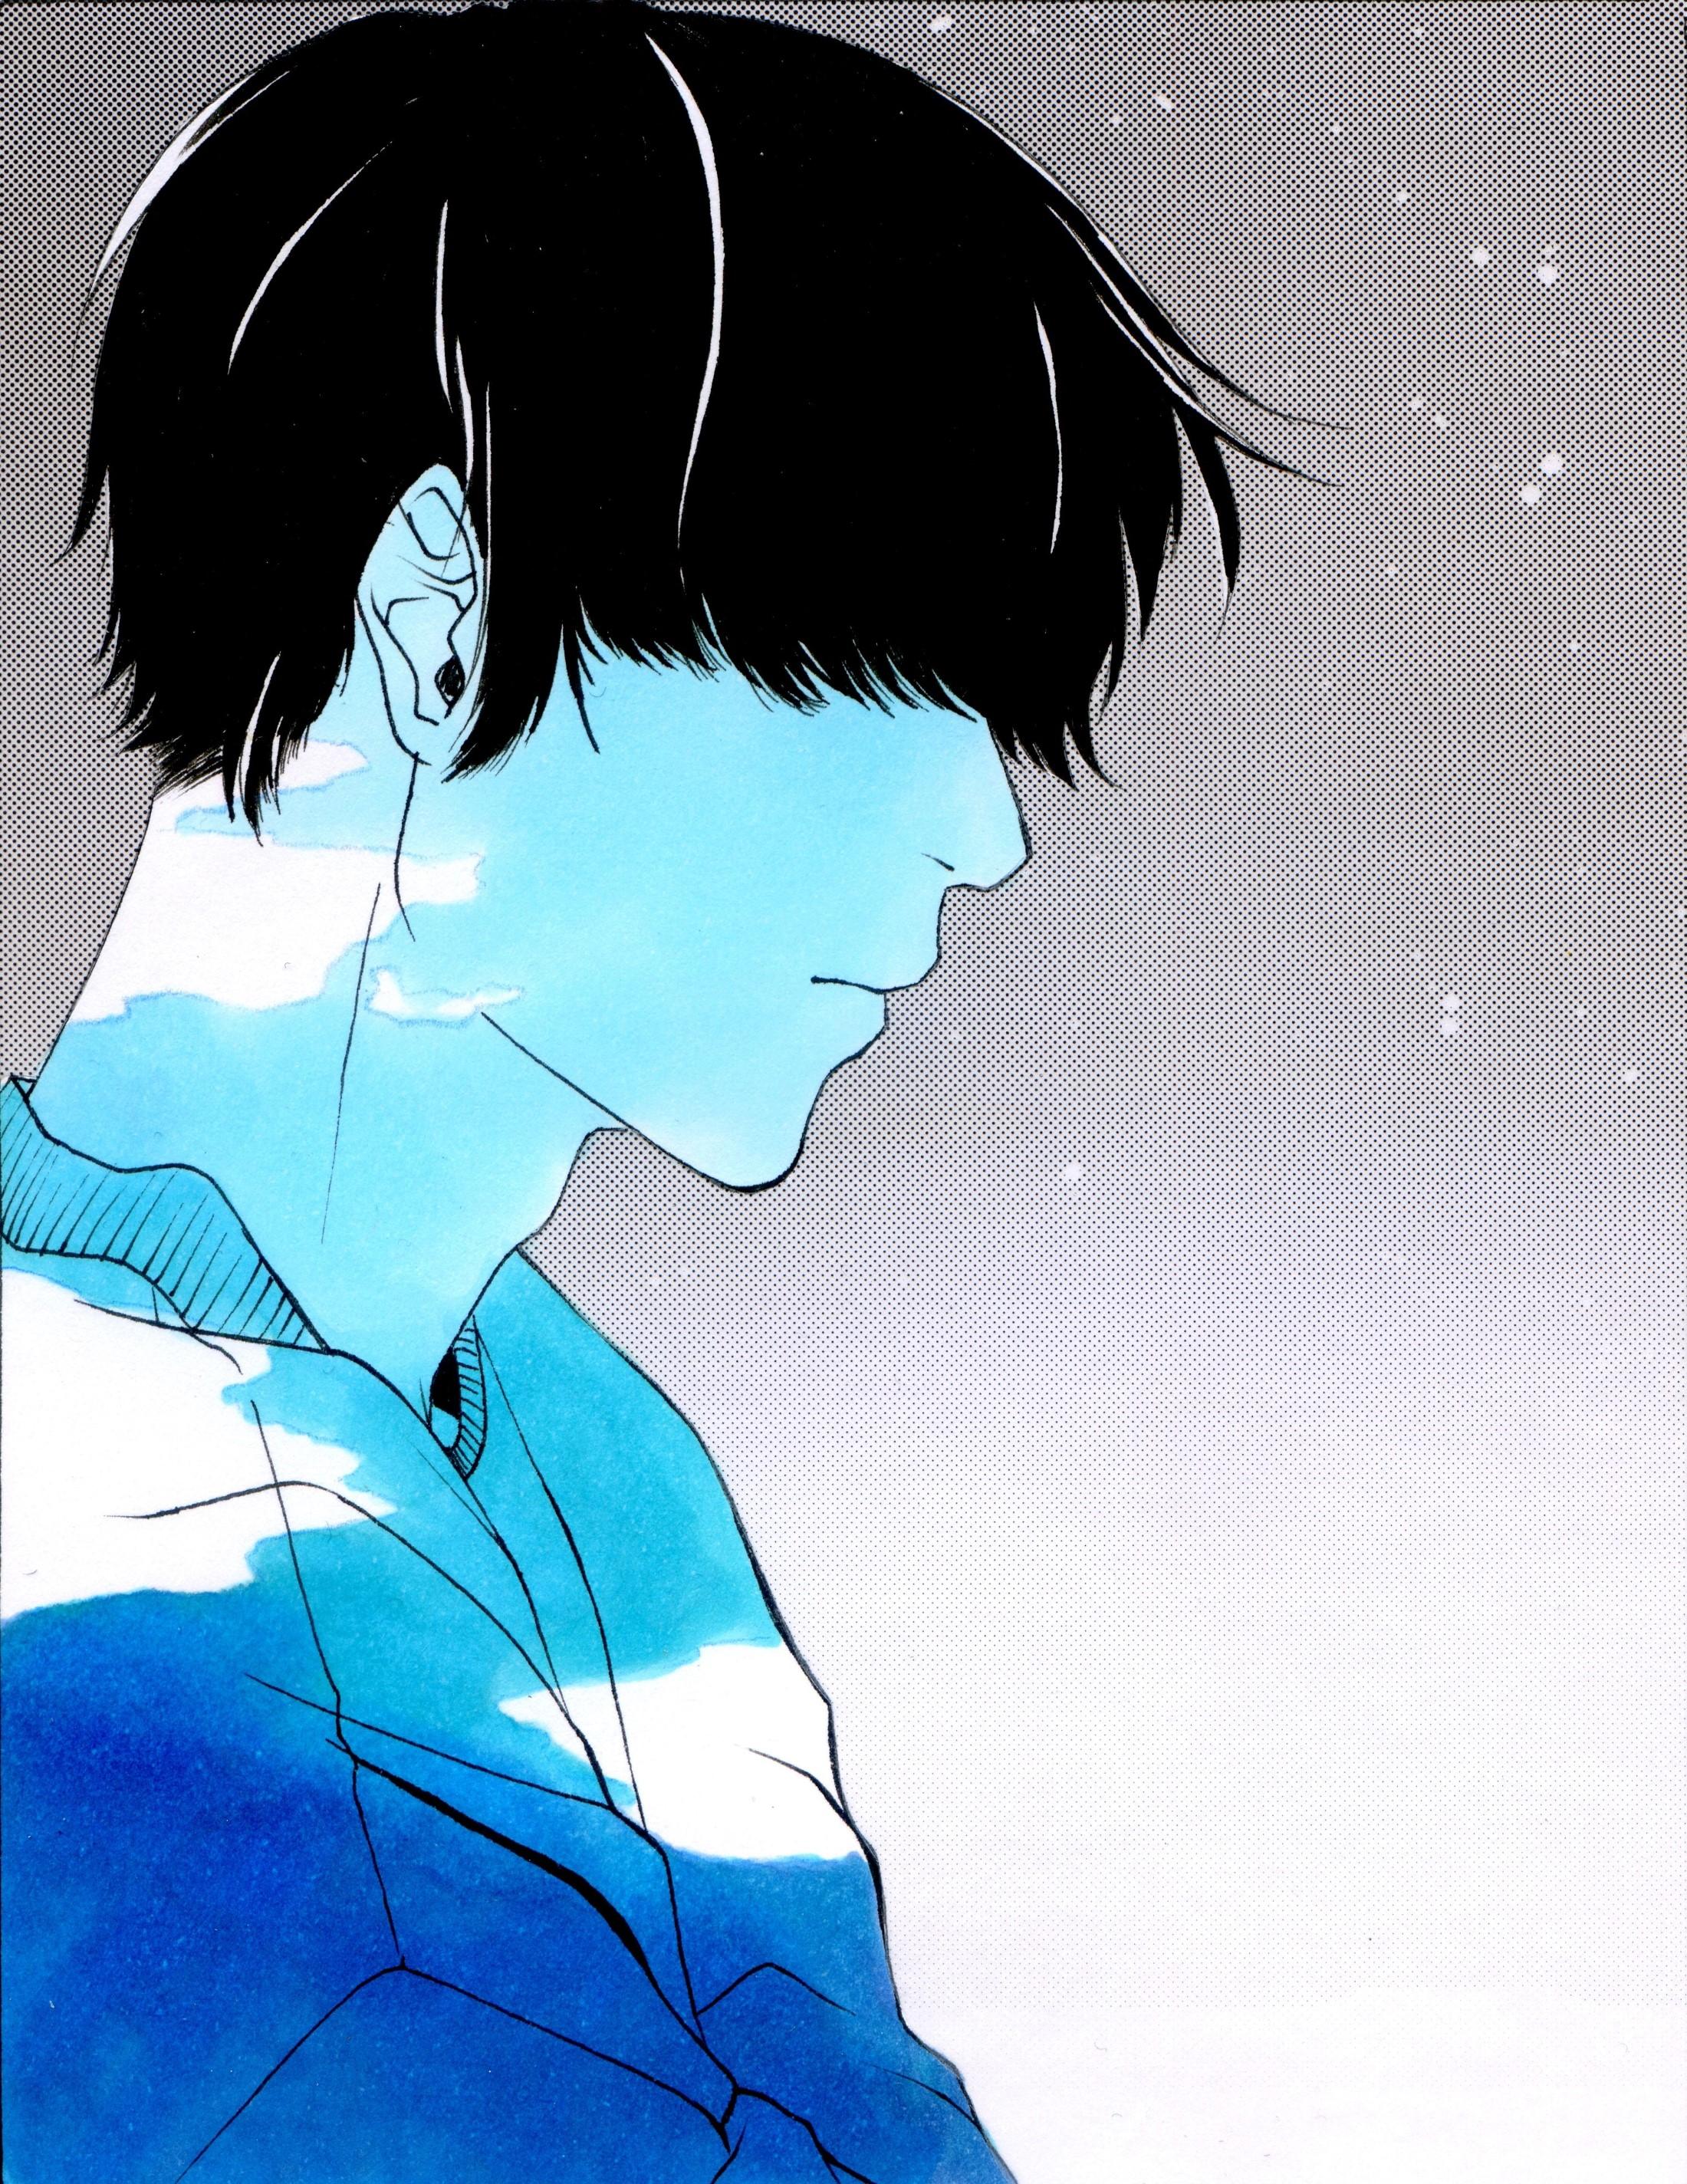 Junge, blau